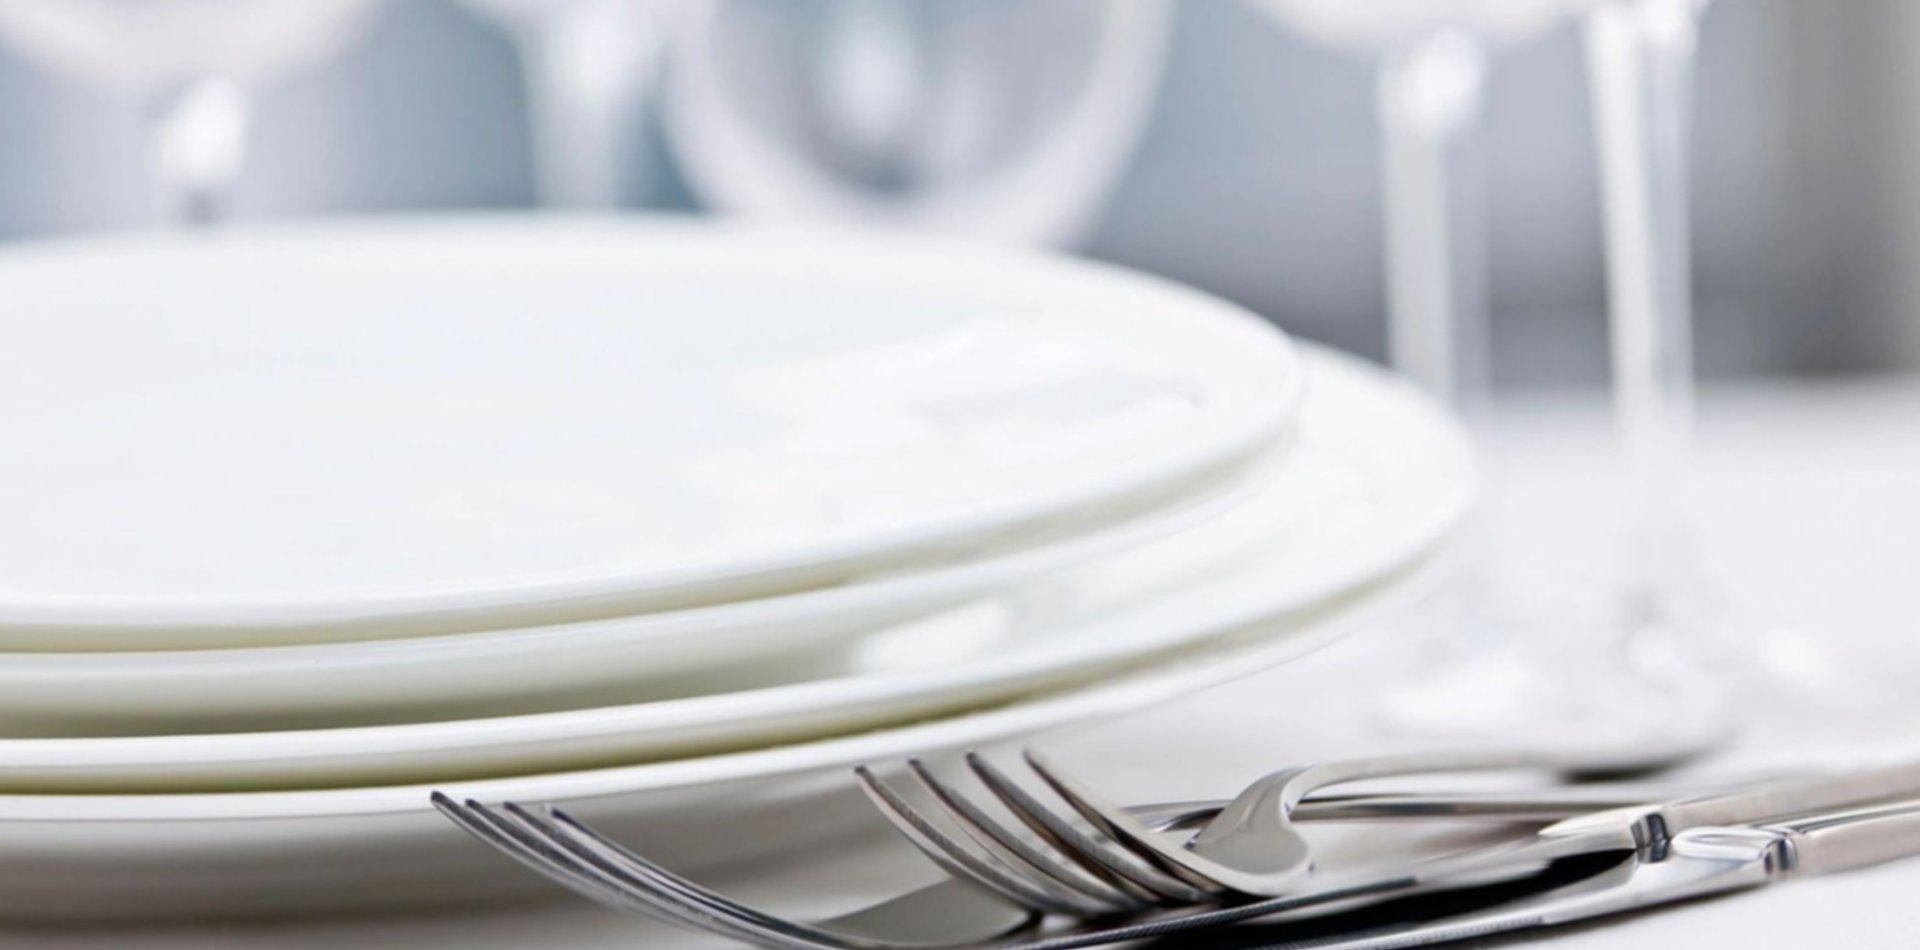 Clausuraron un restaurante en Berisso por atender al público sin protocolos sanitarios